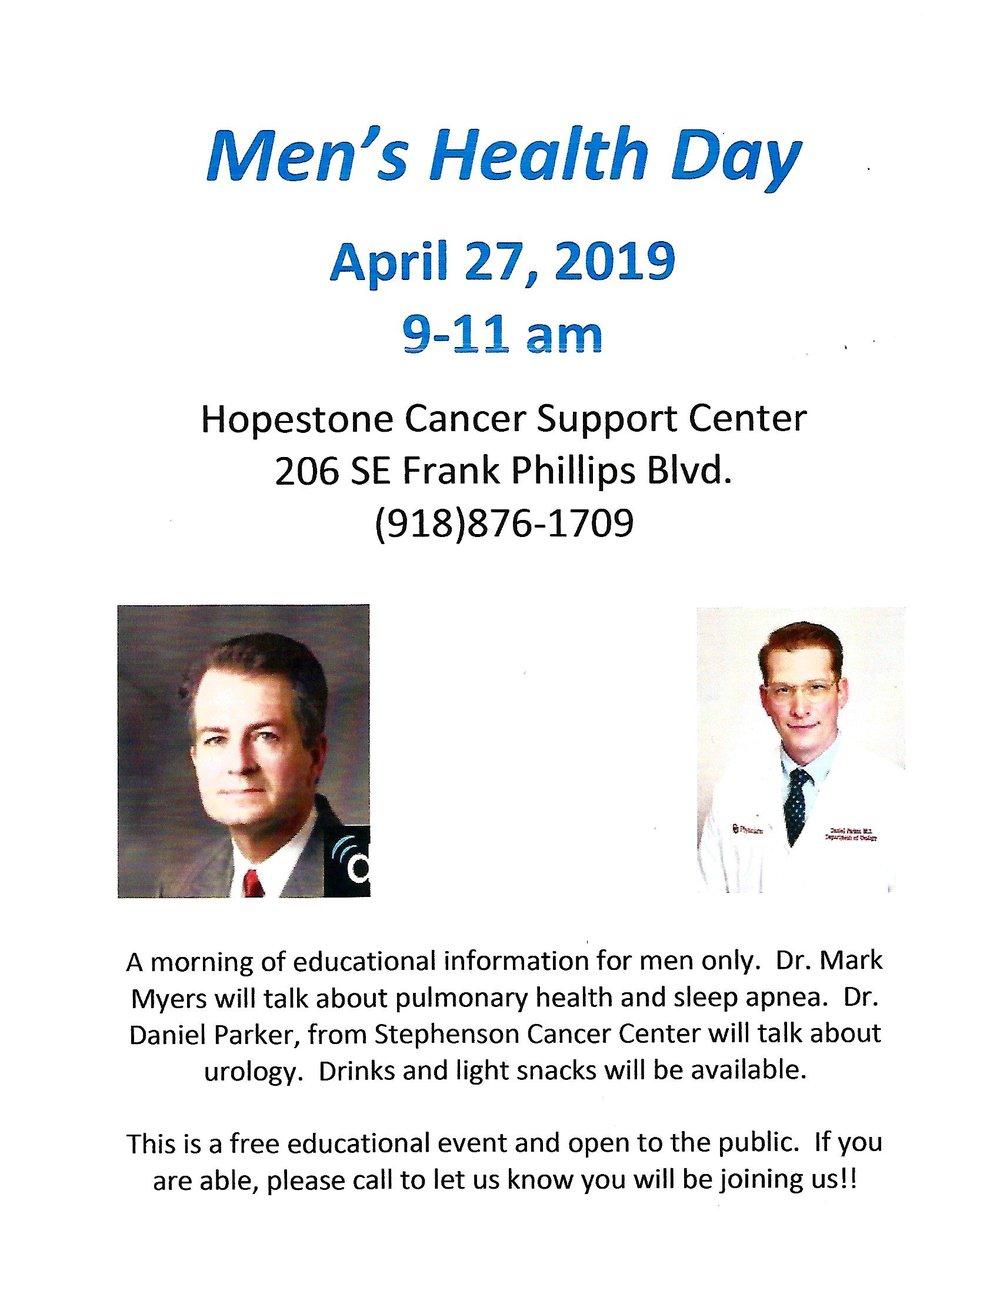 Men's Health Day 2019.jpg